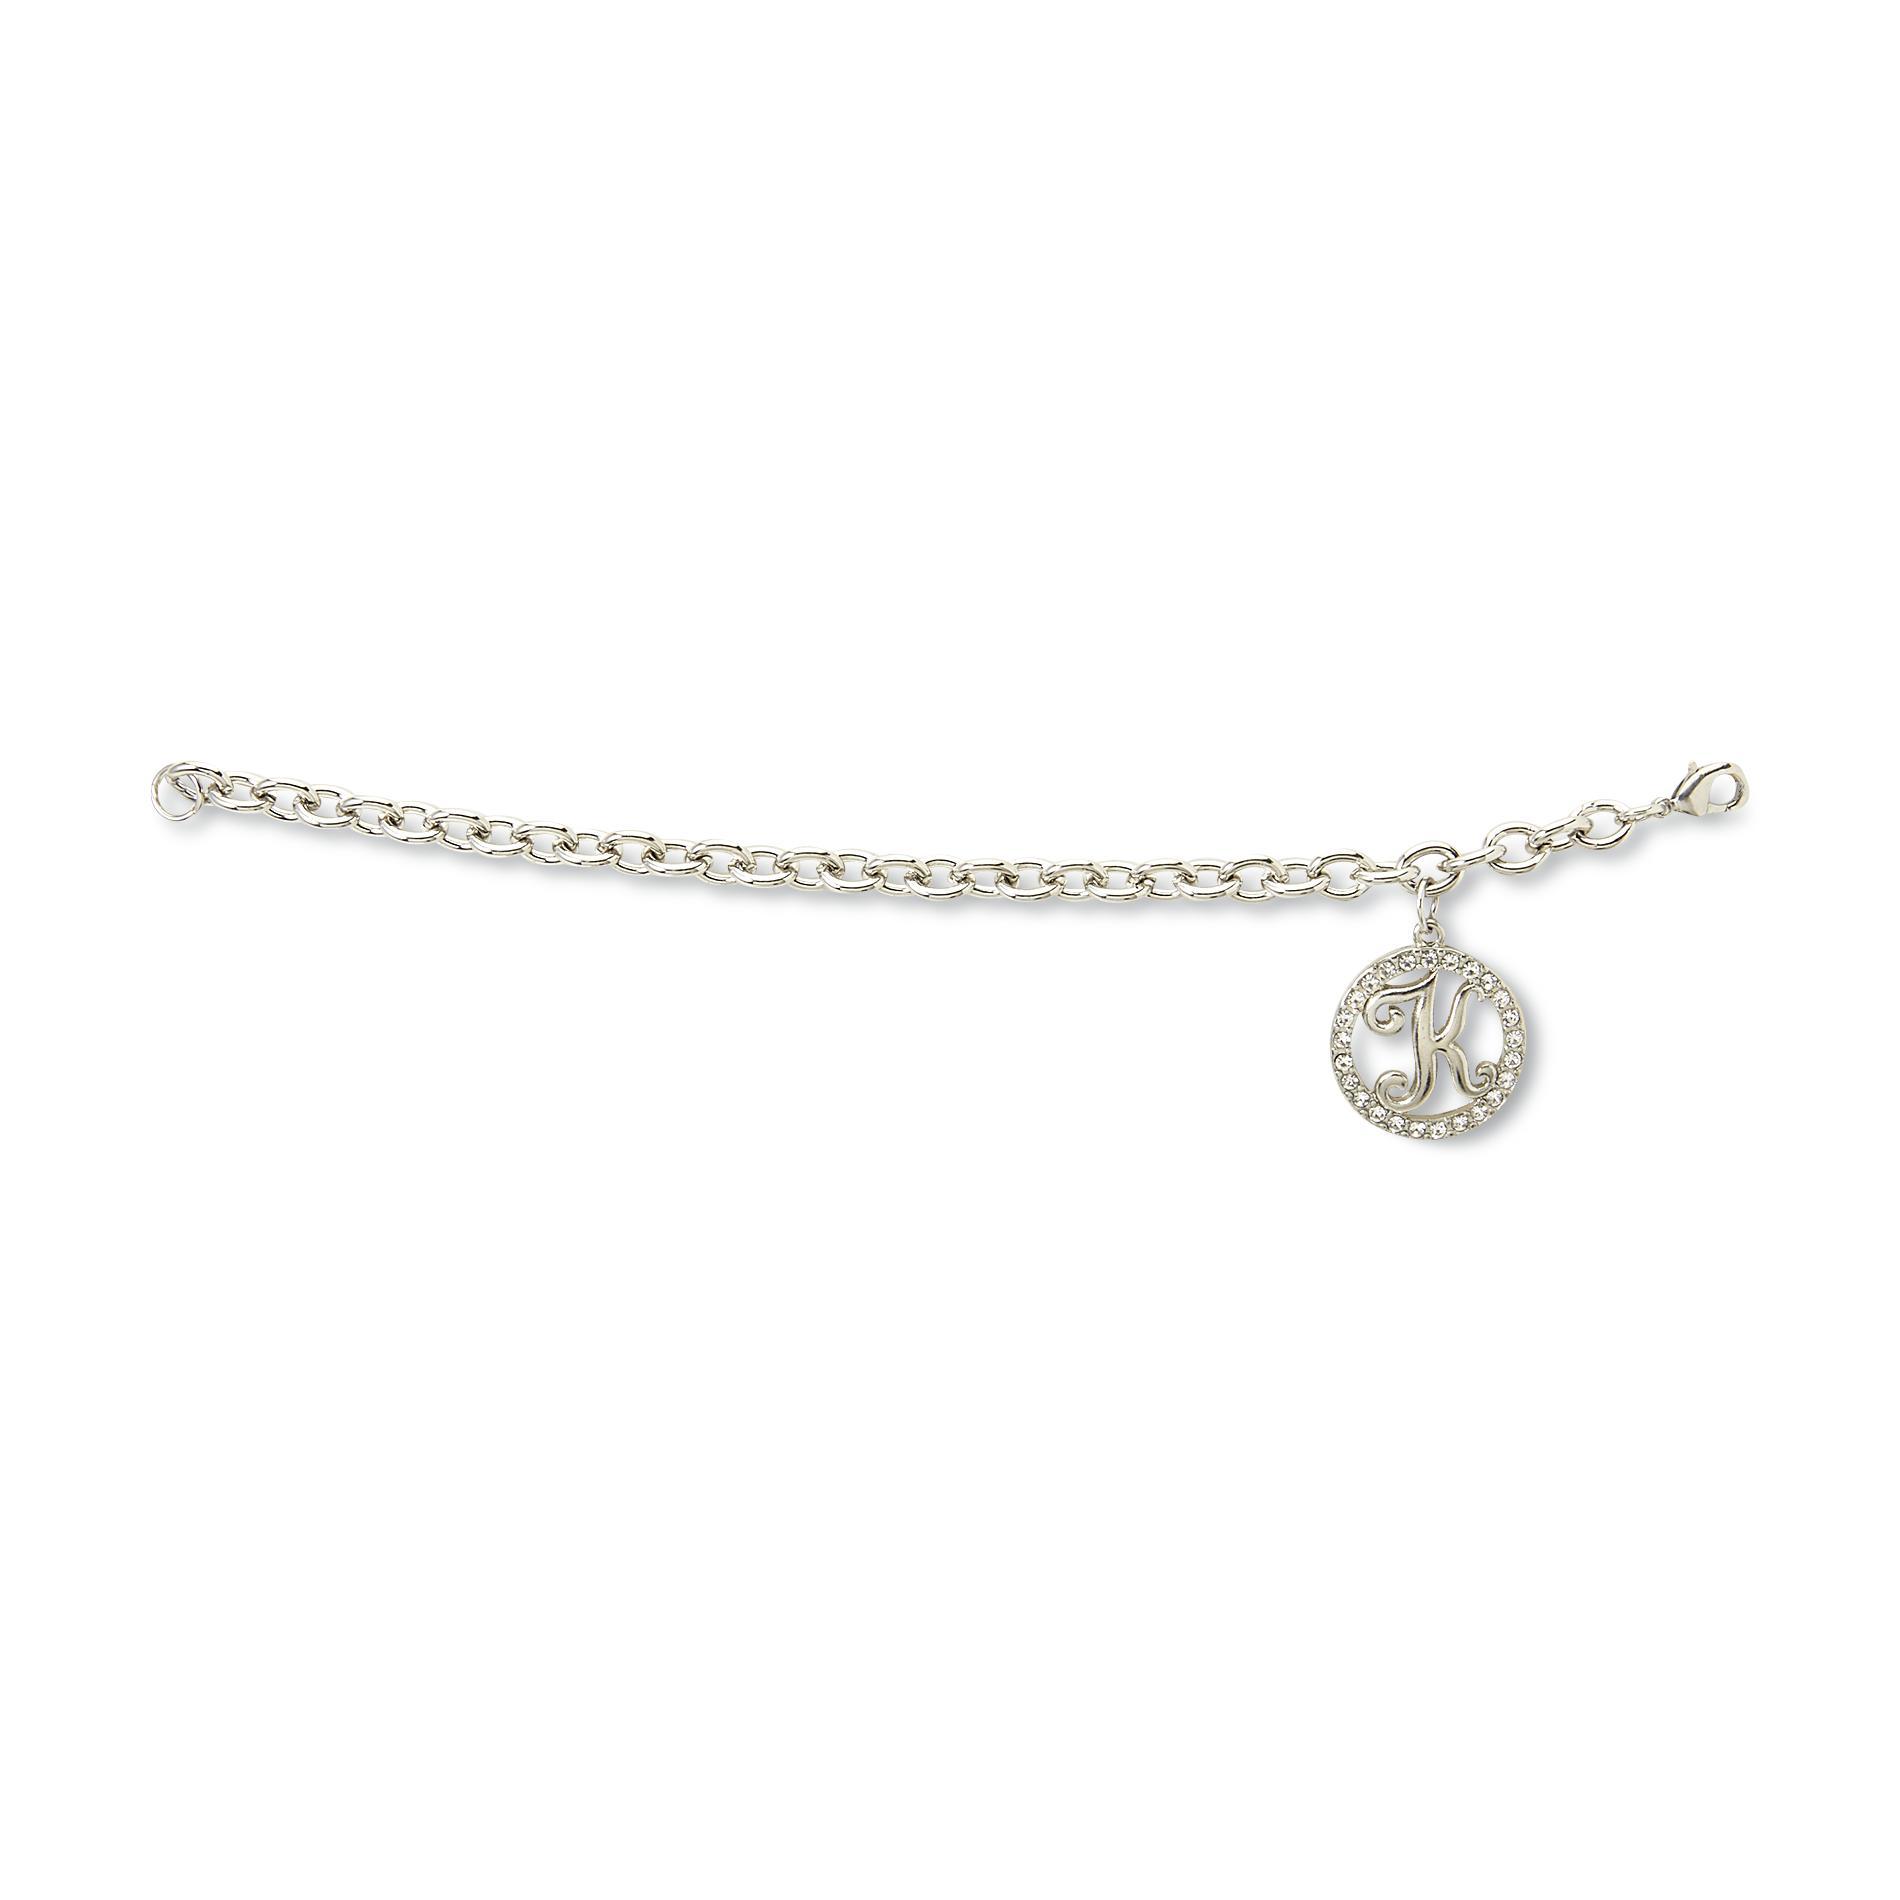 Jaclyn Smith Women's Silvertone Initial Bracelet - K